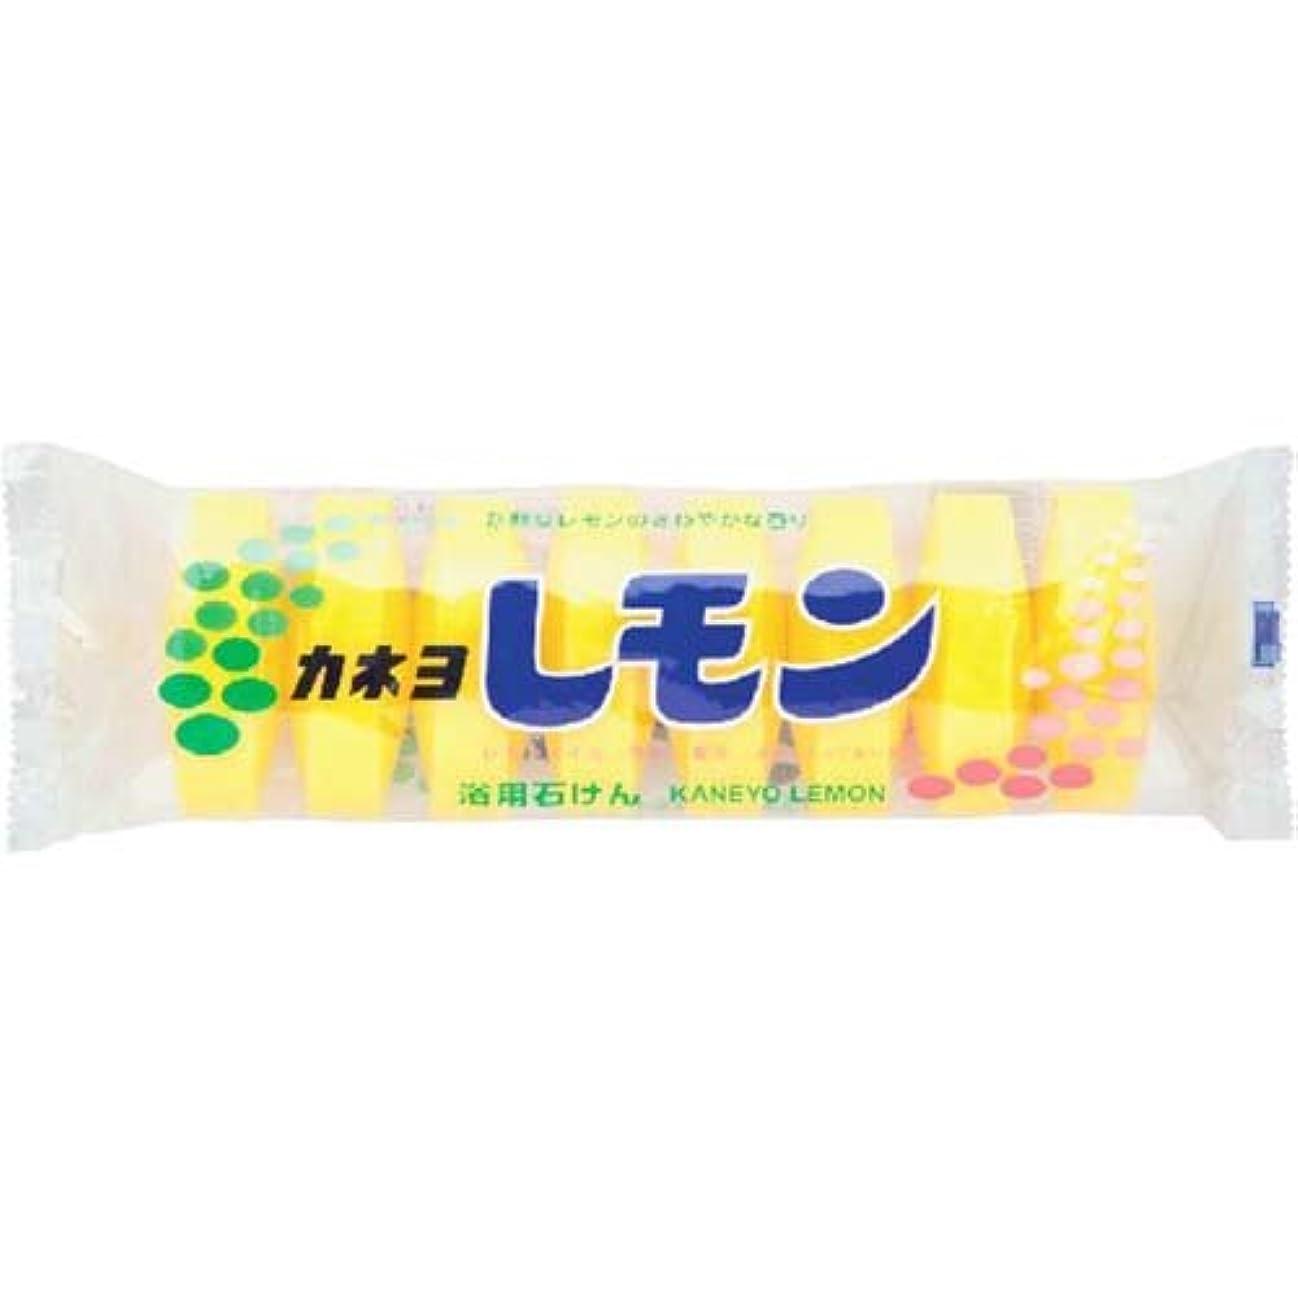 コメント生理合わせてカネヨ レモン石鹸 8個